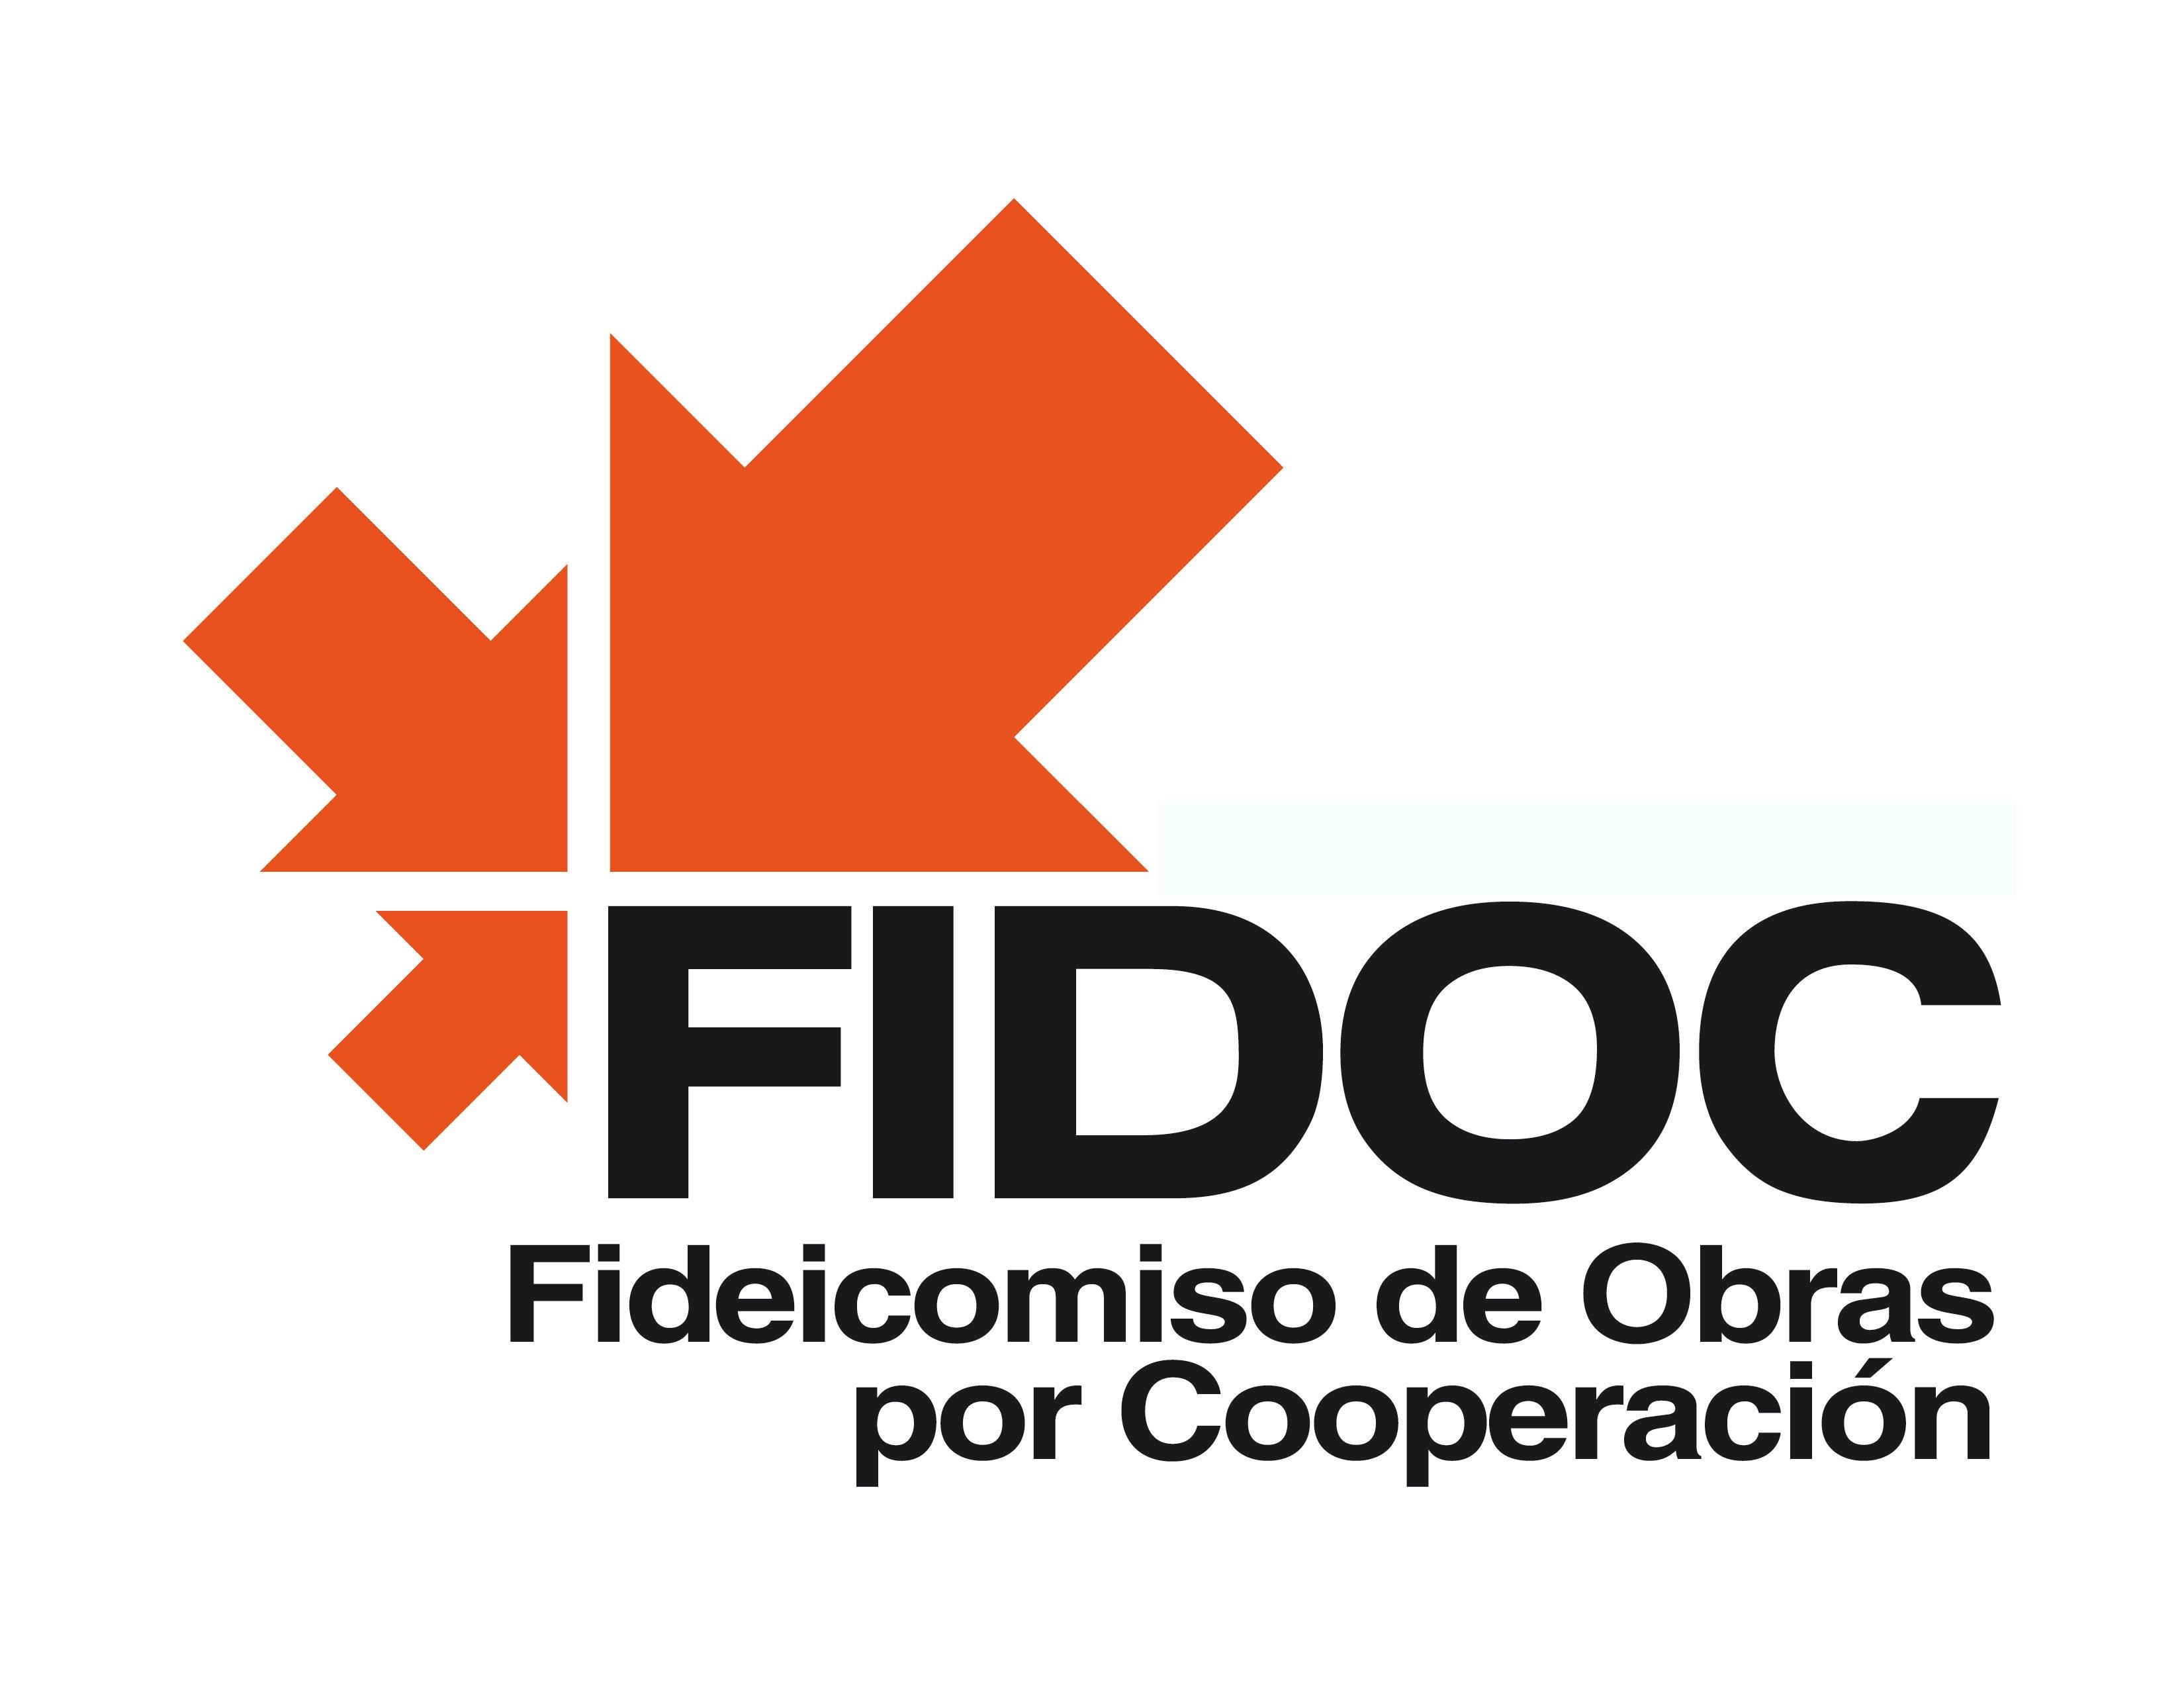 FIDOC